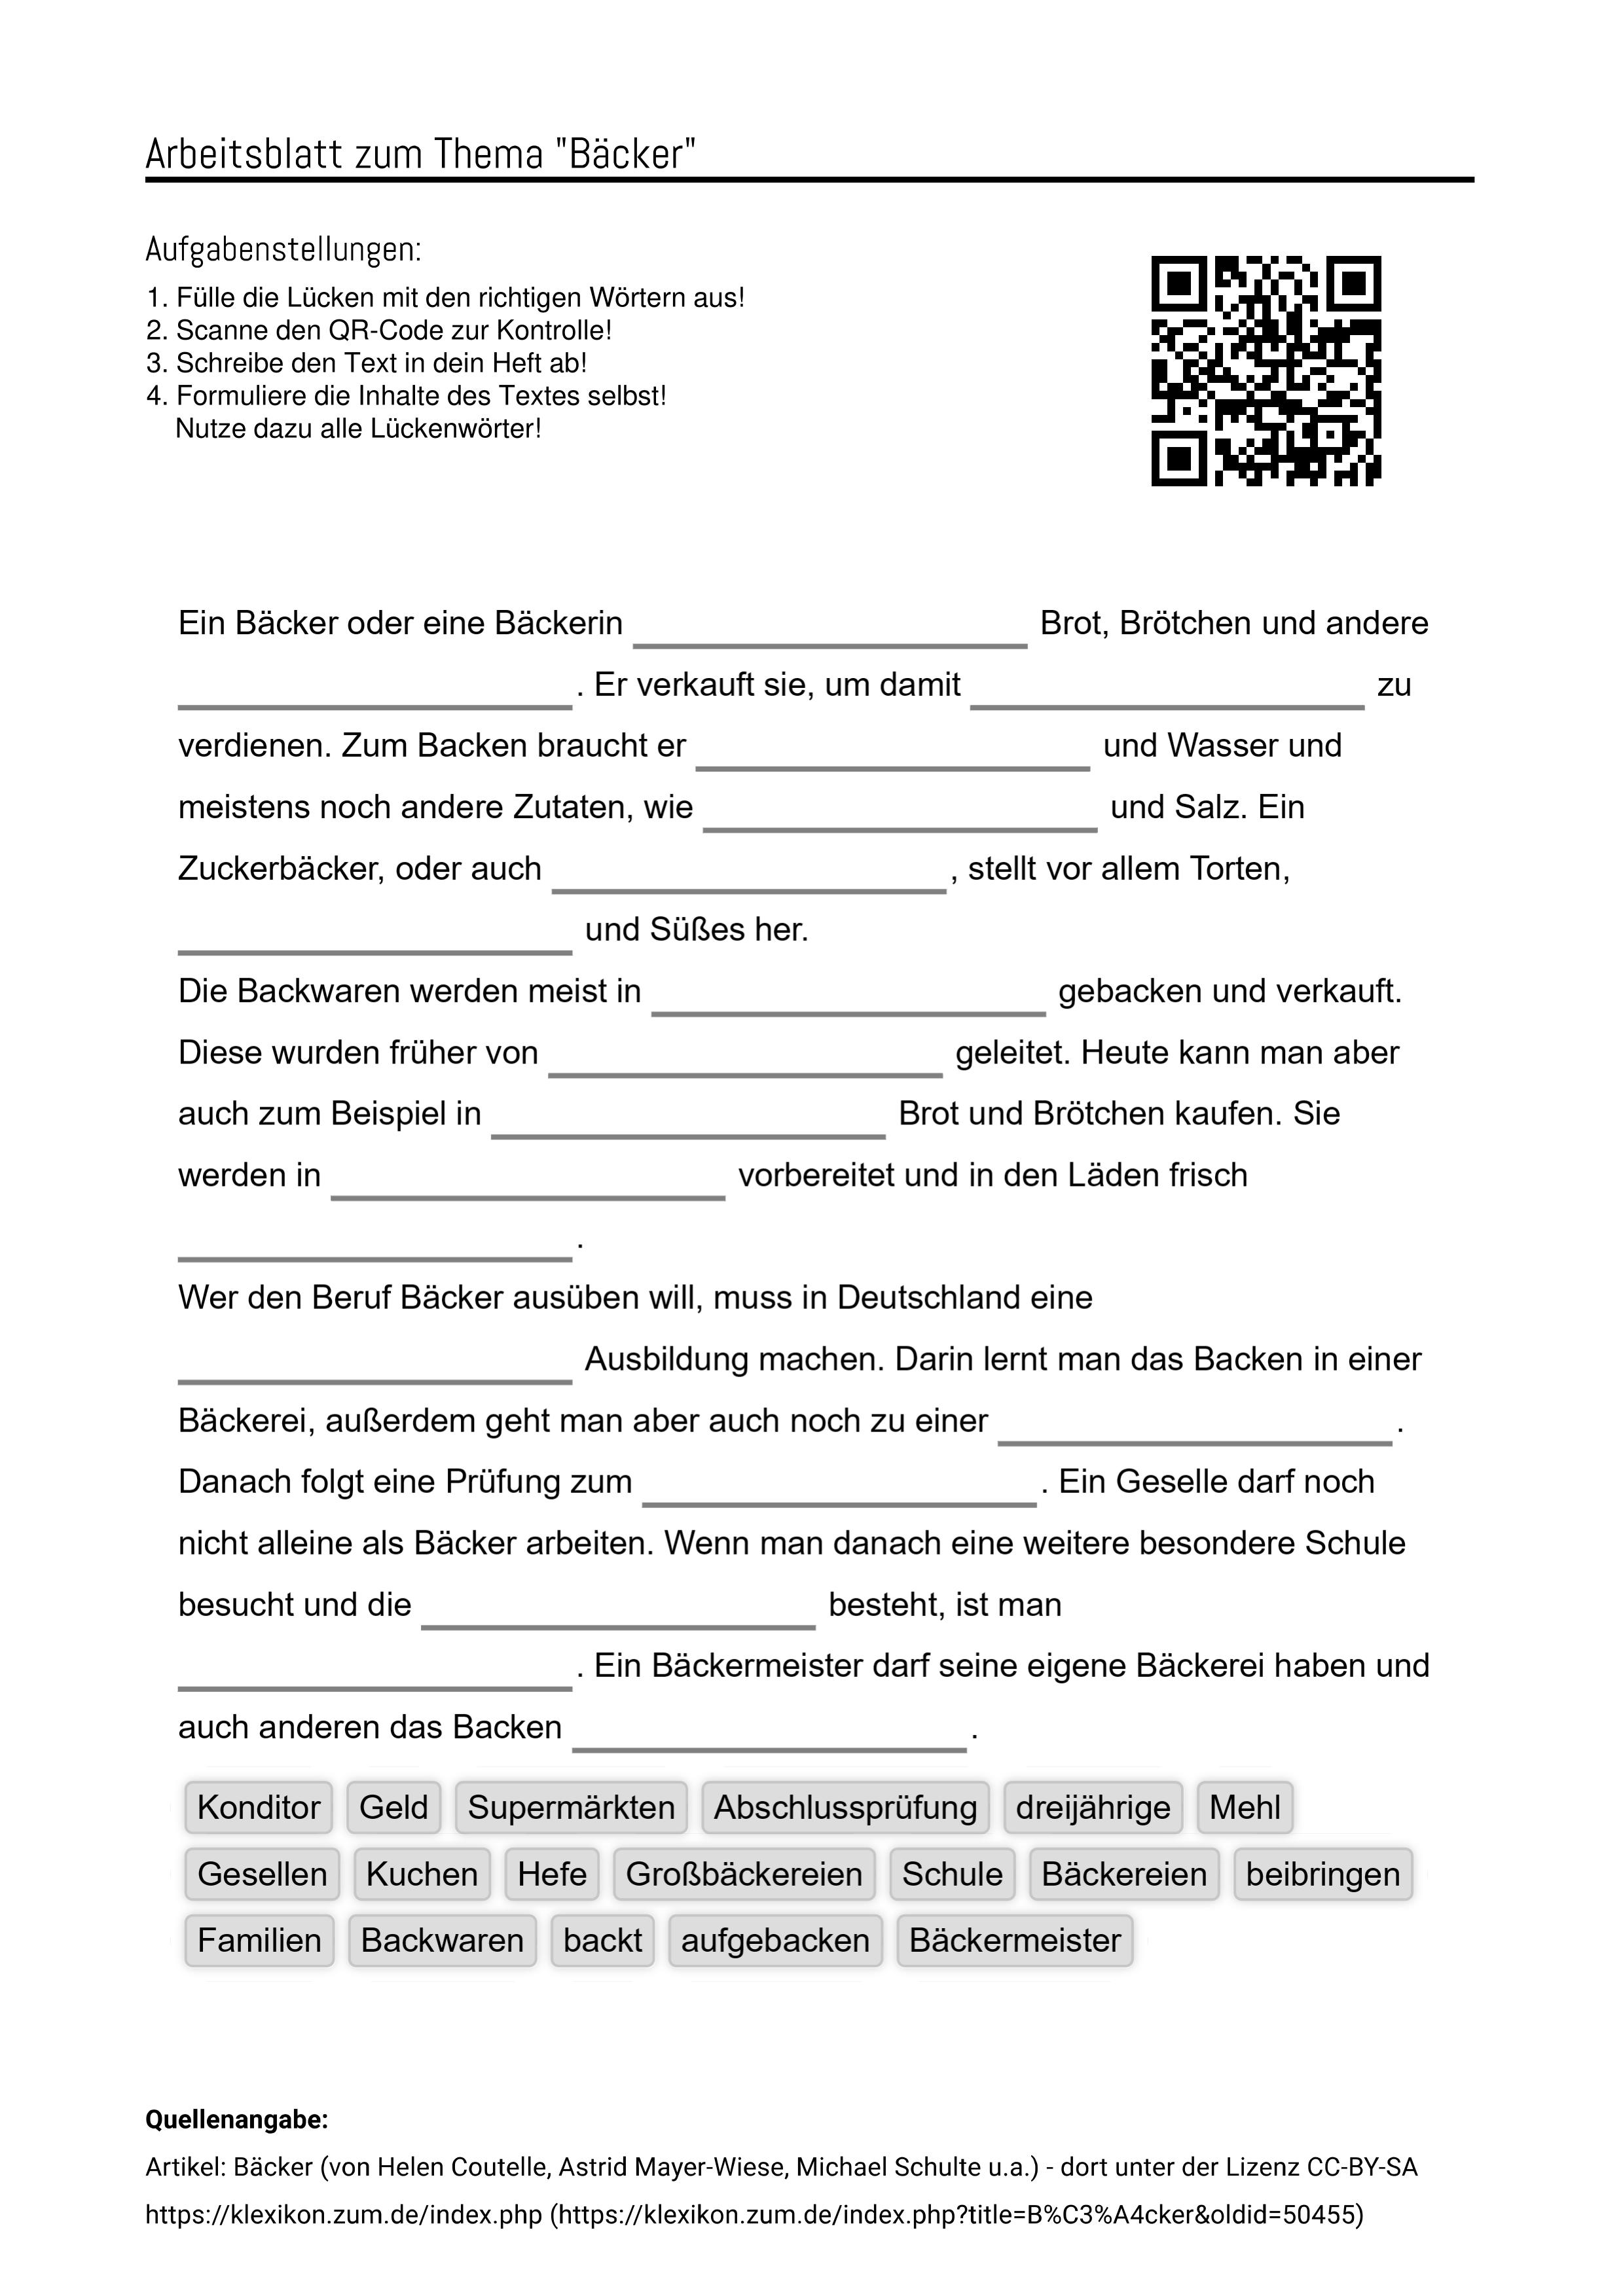 Arbeitsblatter Zum Thema Backer Luckentext Horverstehen Losung Mp3 Aufgabenstellung Arbeit Arbeitsblatter